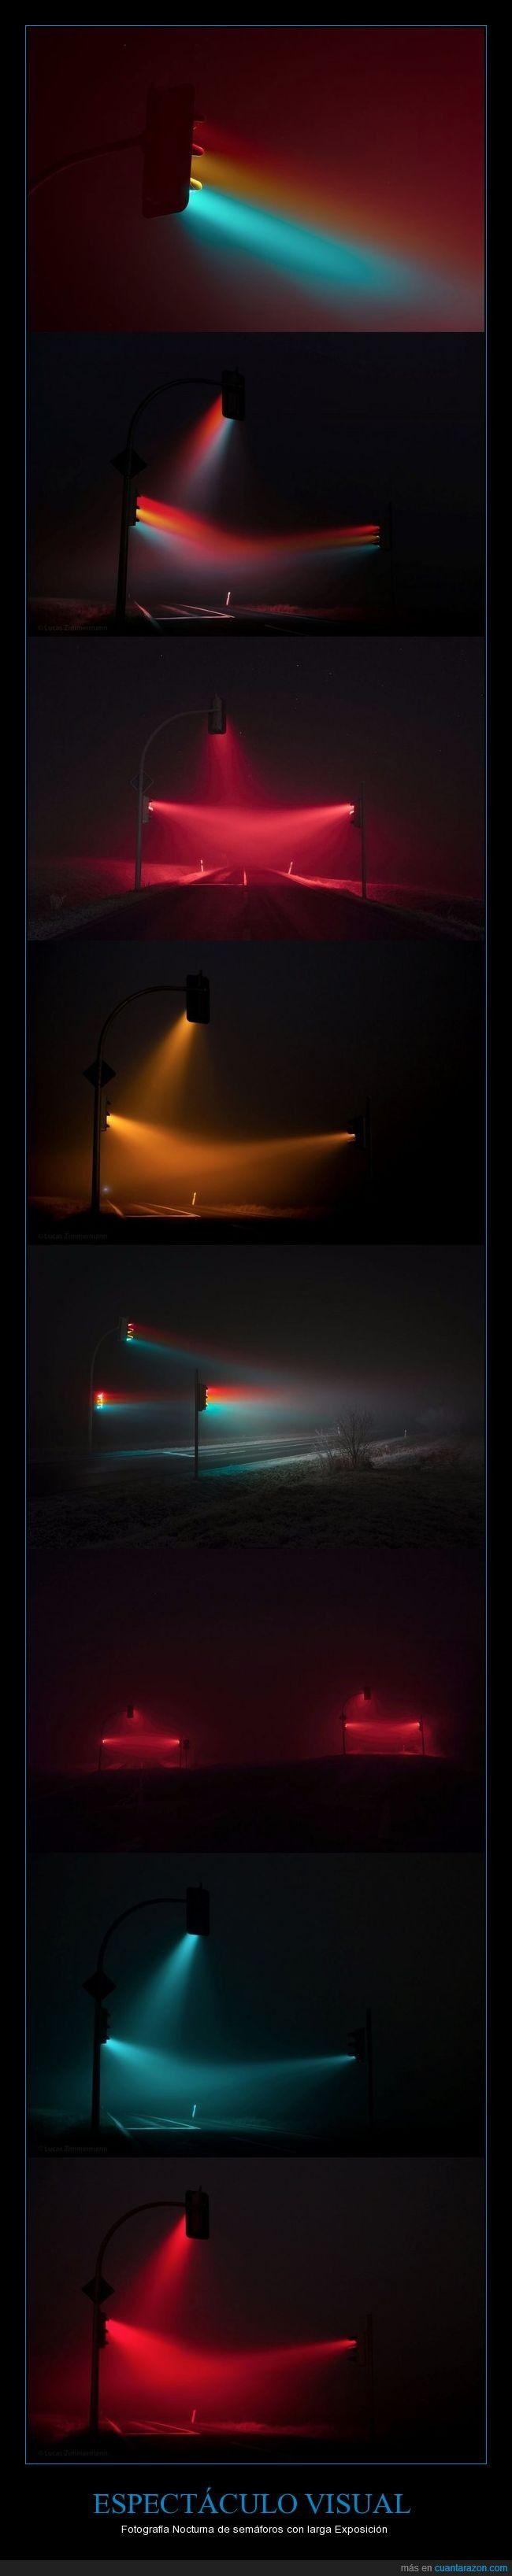 Fotografía Nocturna De Larga Exposición De Semáforos En La Niebla